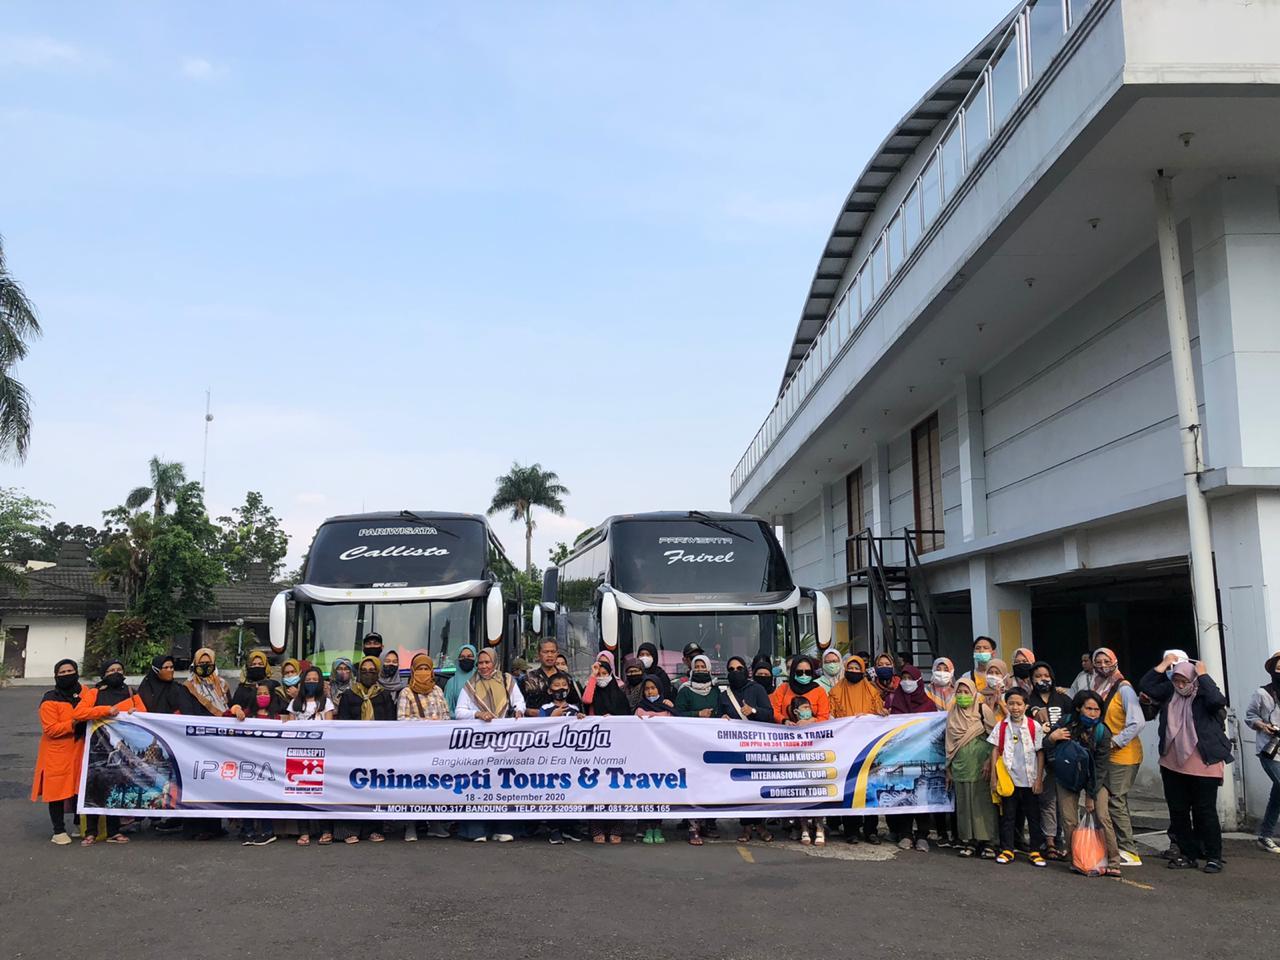 Di Gandeng IPOBA, Ghinasepti Turut Serta Dalam Membangkitkan Kembali Pariwisata Indonesia